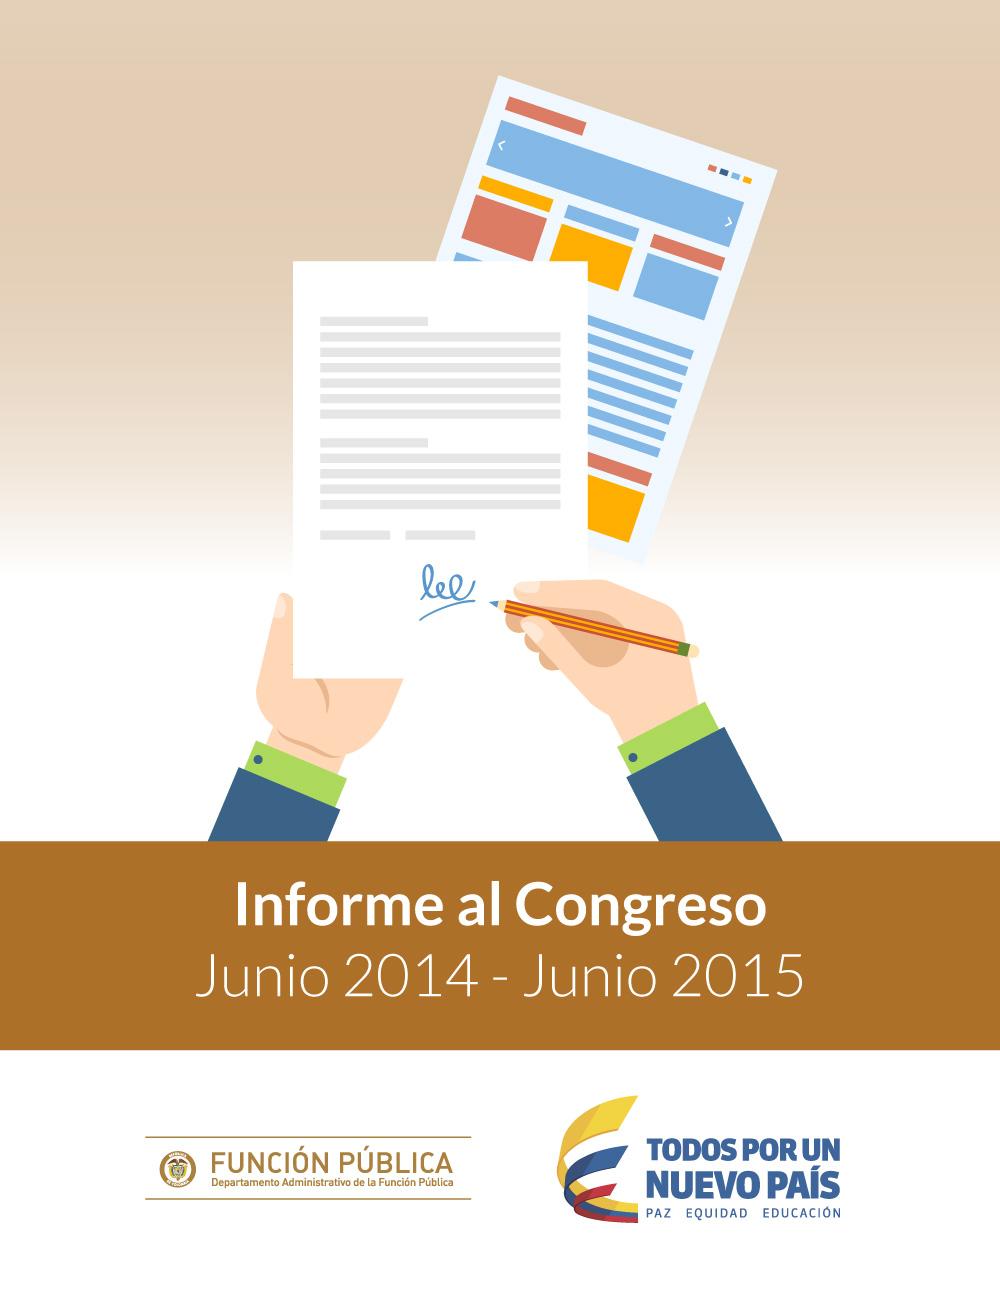 Informe al Congreso período junio 2014-junio 2015. Departamento Administrativo de la Función Pública